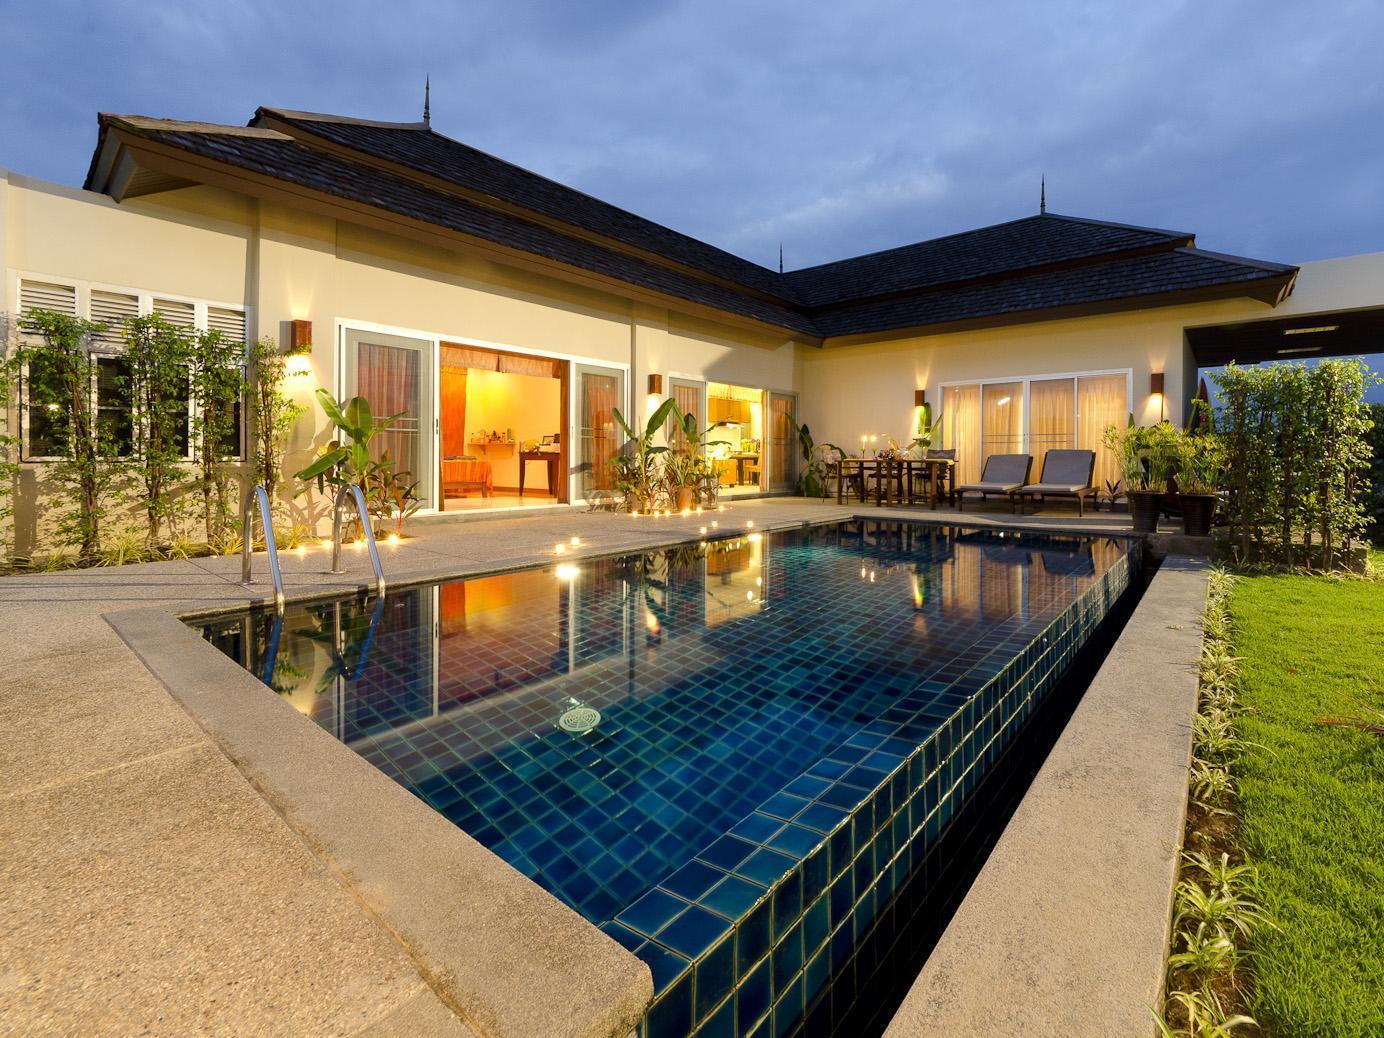 Hotell Hi Villas i Bang_Thao_-tt-_Laguna, Phuket. Klicka för att läsa mer och skicka bokningsförfrågan